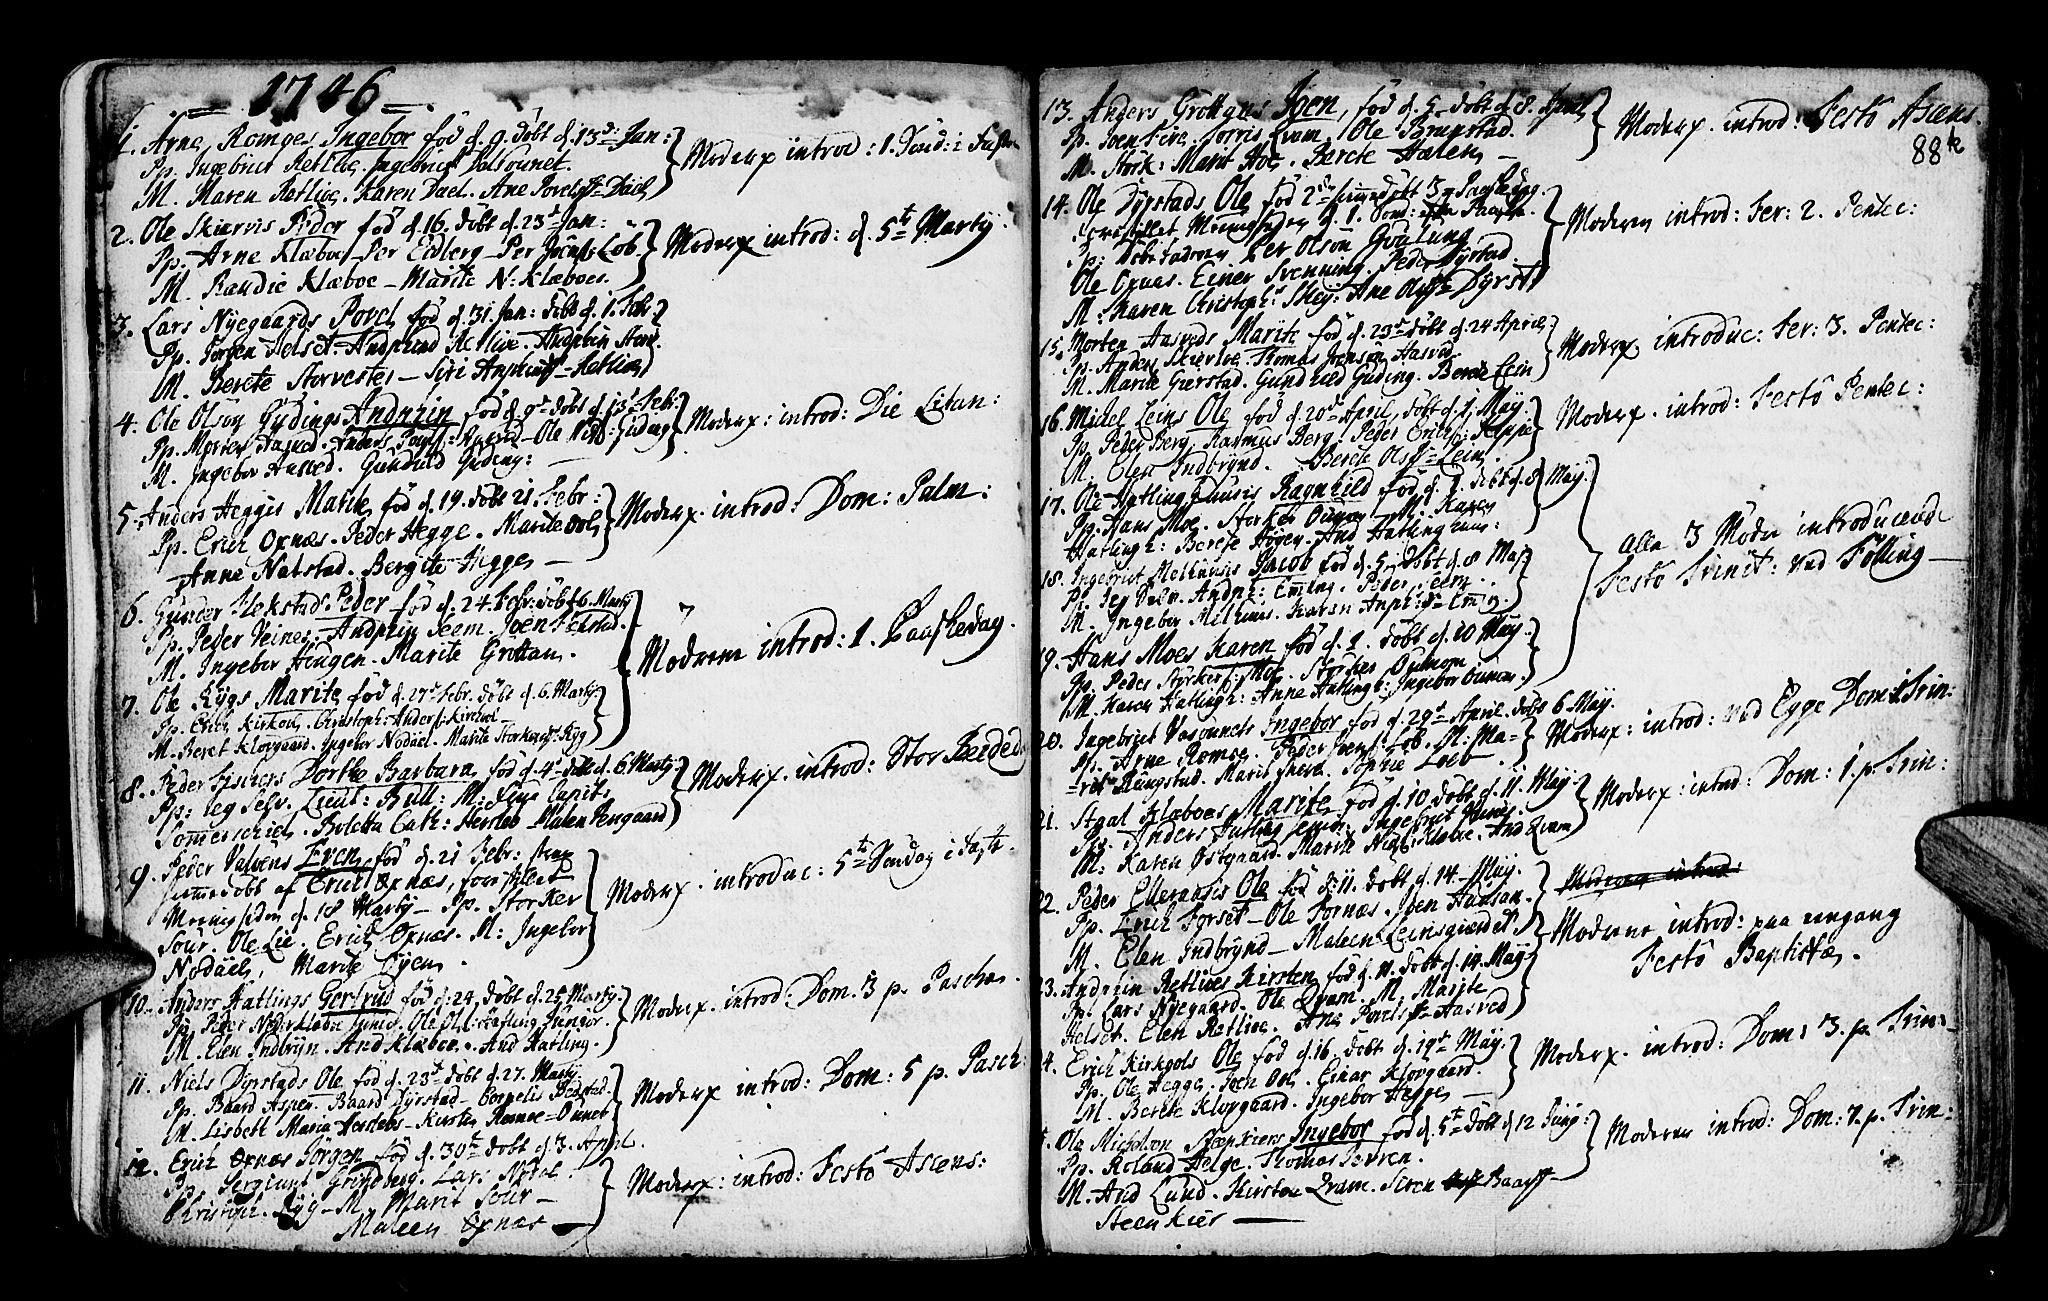 SAT, Ministerialprotokoller, klokkerbøker og fødselsregistre - Nord-Trøndelag, 746/L0439: Ministerialbok nr. 746A01, 1688-1759, s. 88k